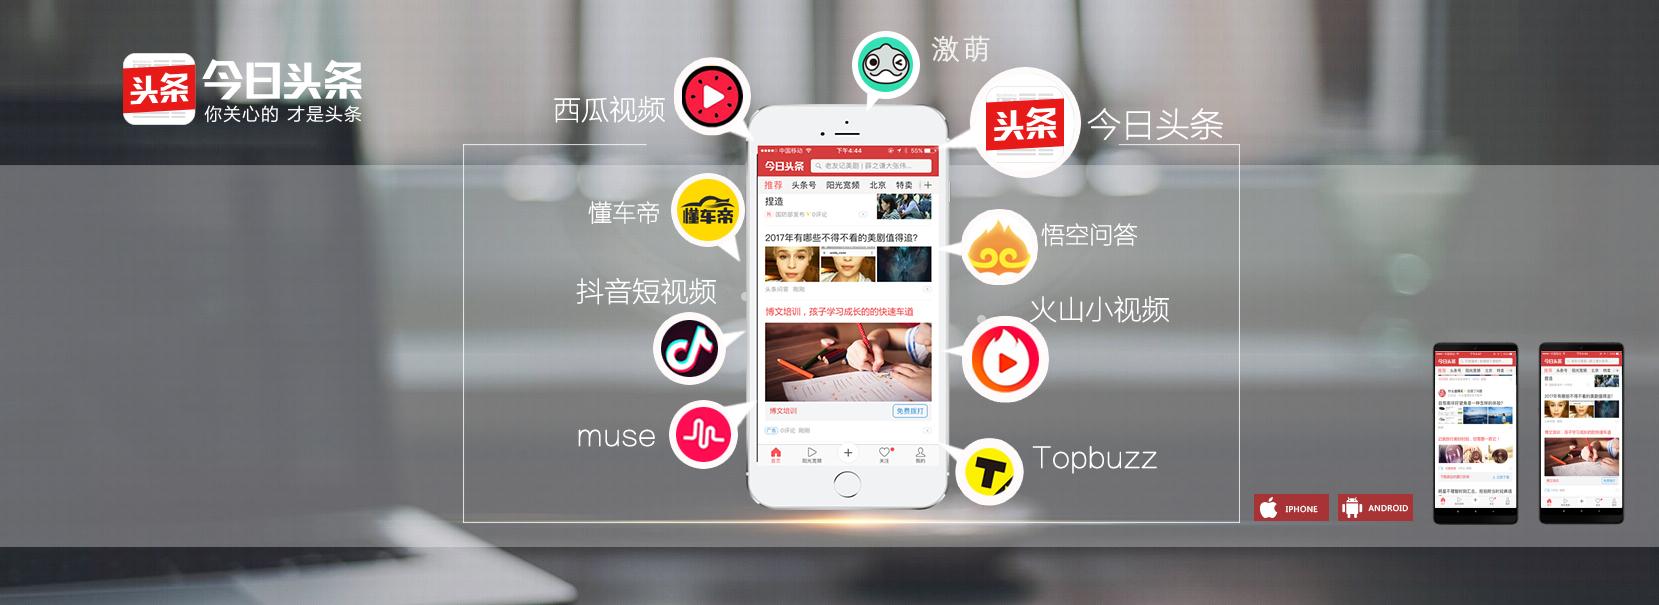 澳门新葡萄京app下载